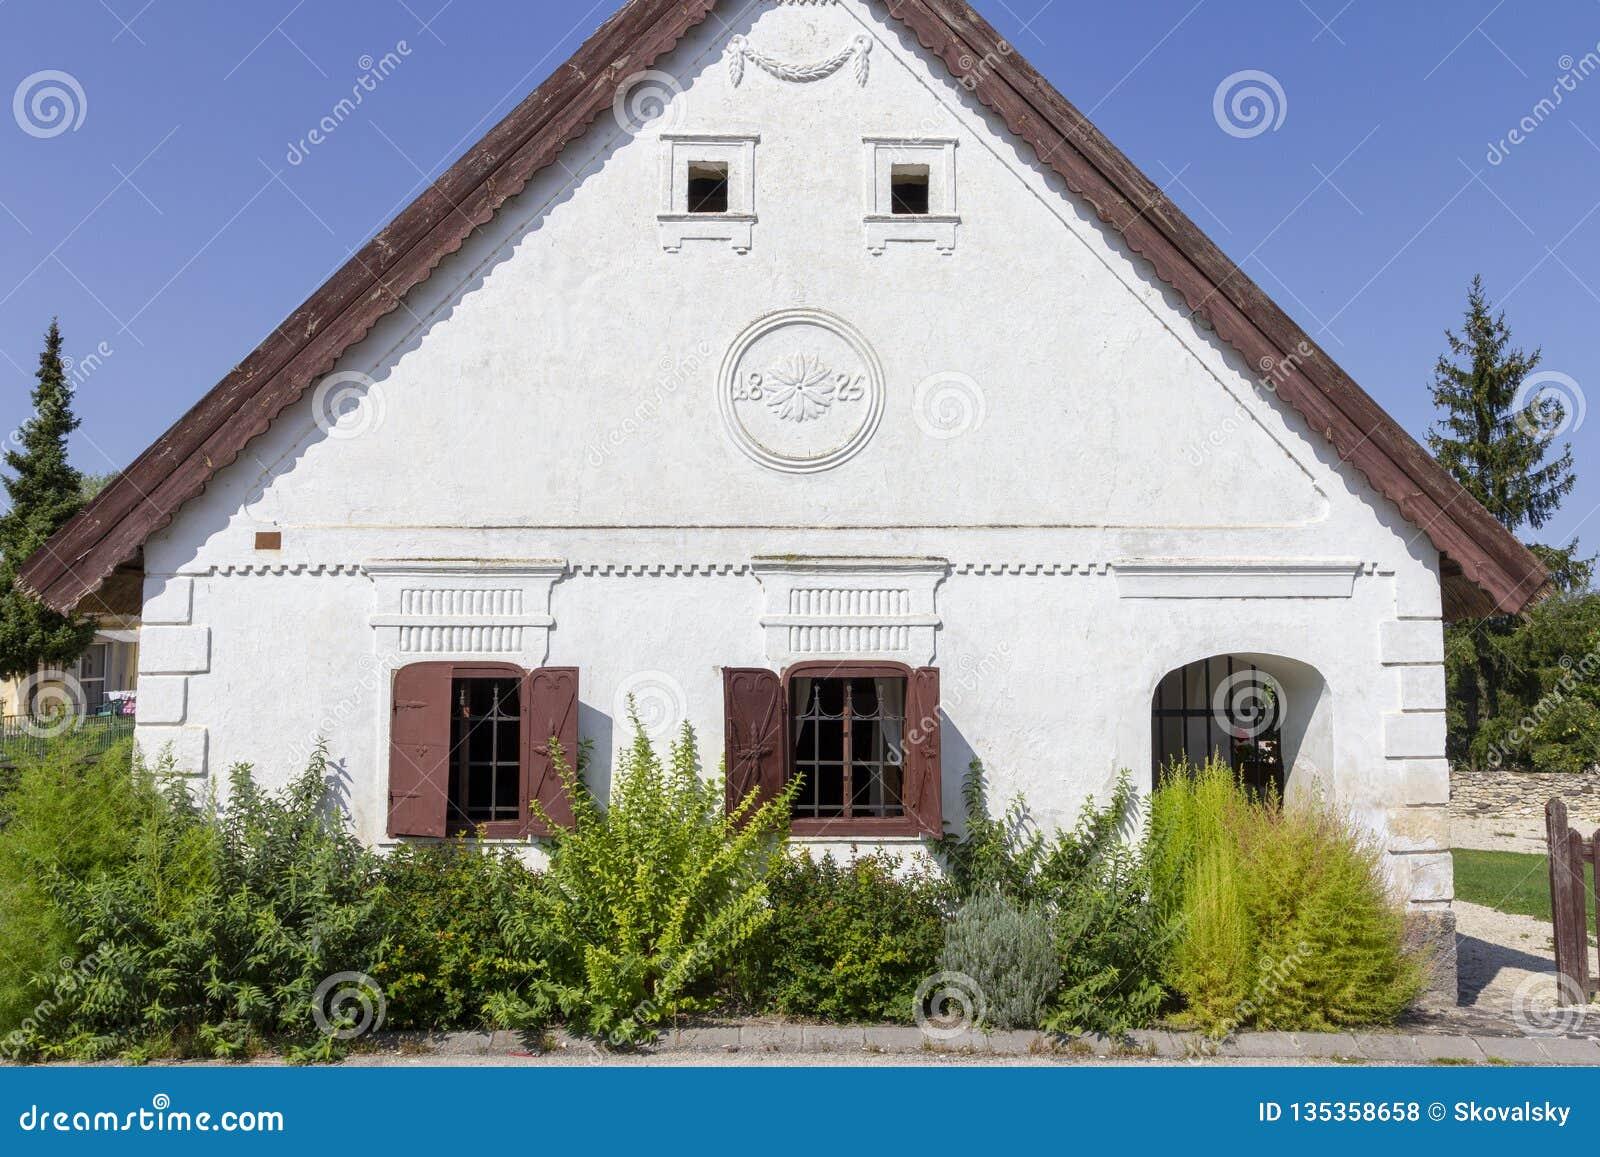 Венгрия дом стоит ли покупать недвижимость в дубае